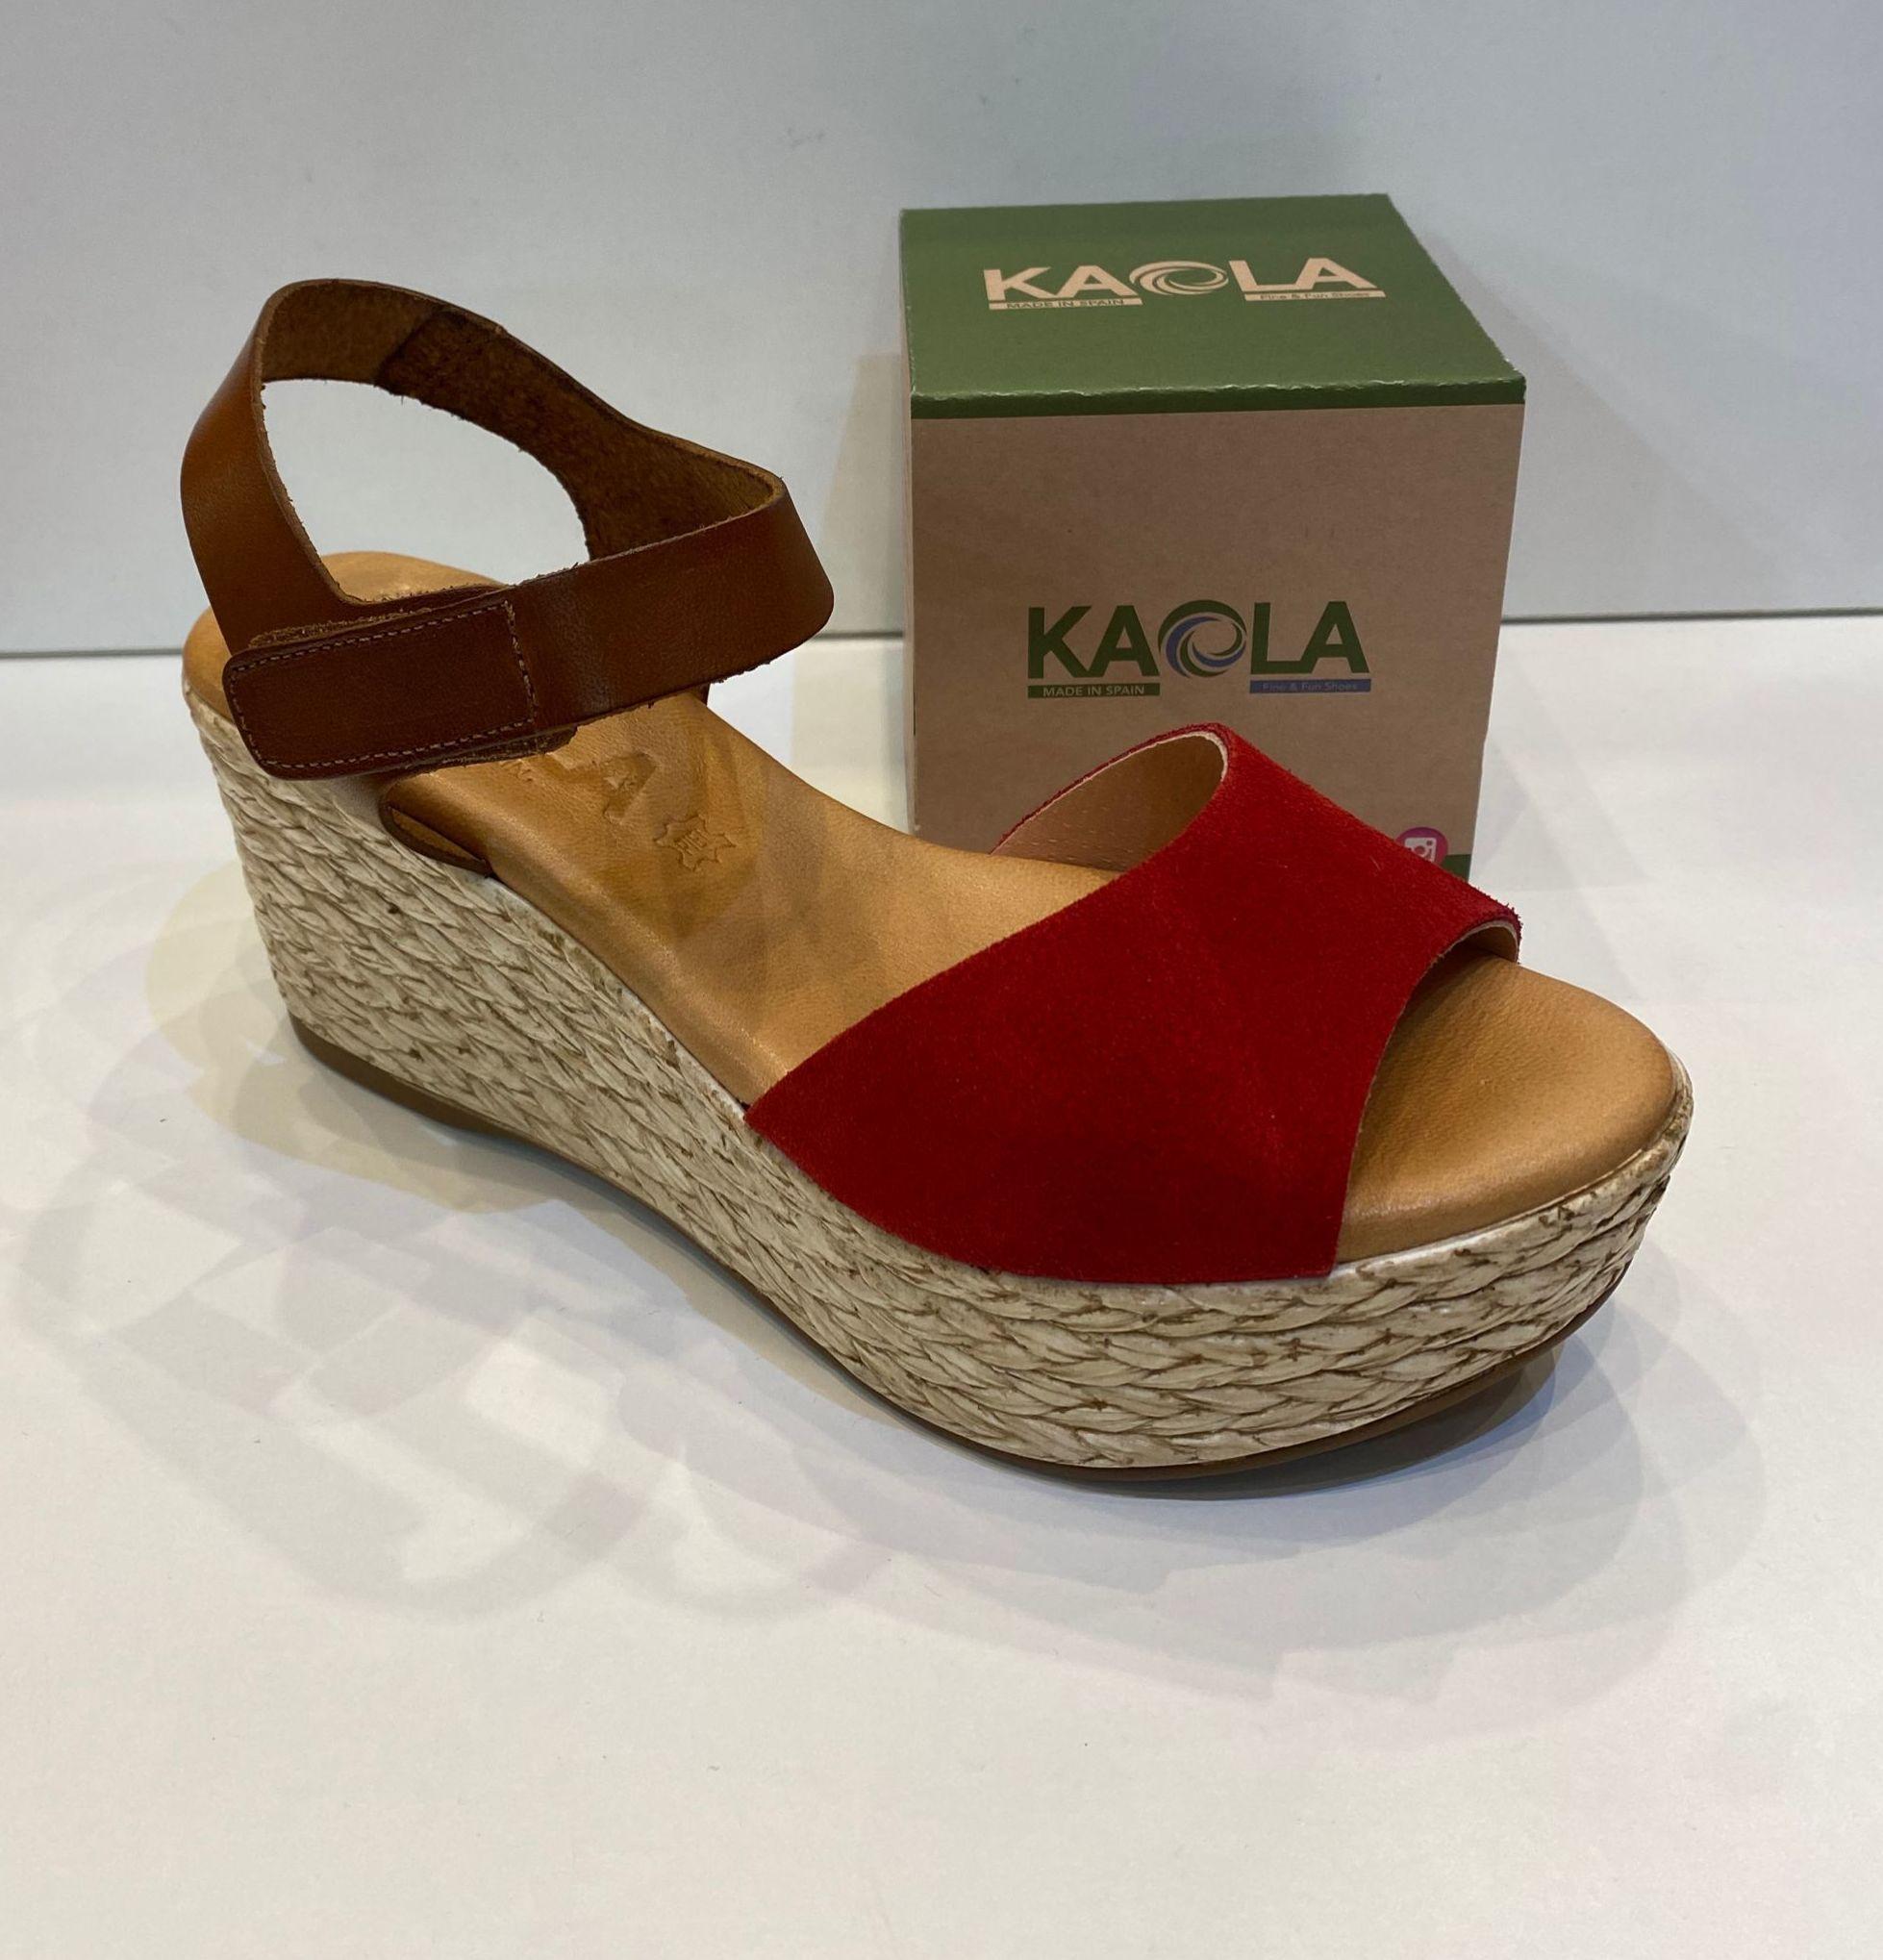 Sandàlia de dona, de la marca Kaola, ample especial, plantilla de gel de viscoelàstica, sola de politilè antilliscant 44.95€ www.calzadosllinas.es